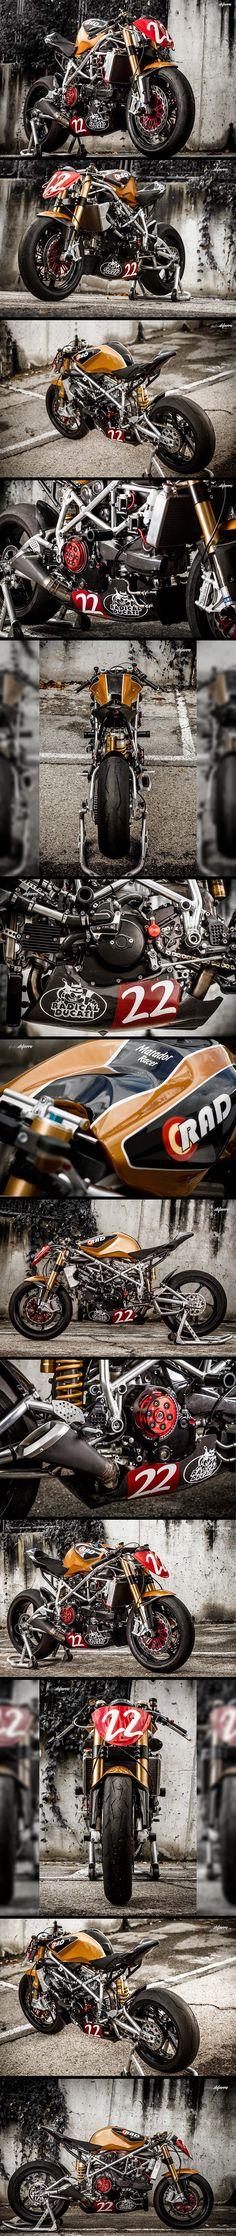 """Ducati 1198 """"The Matador"""" by XTR Pepo"""